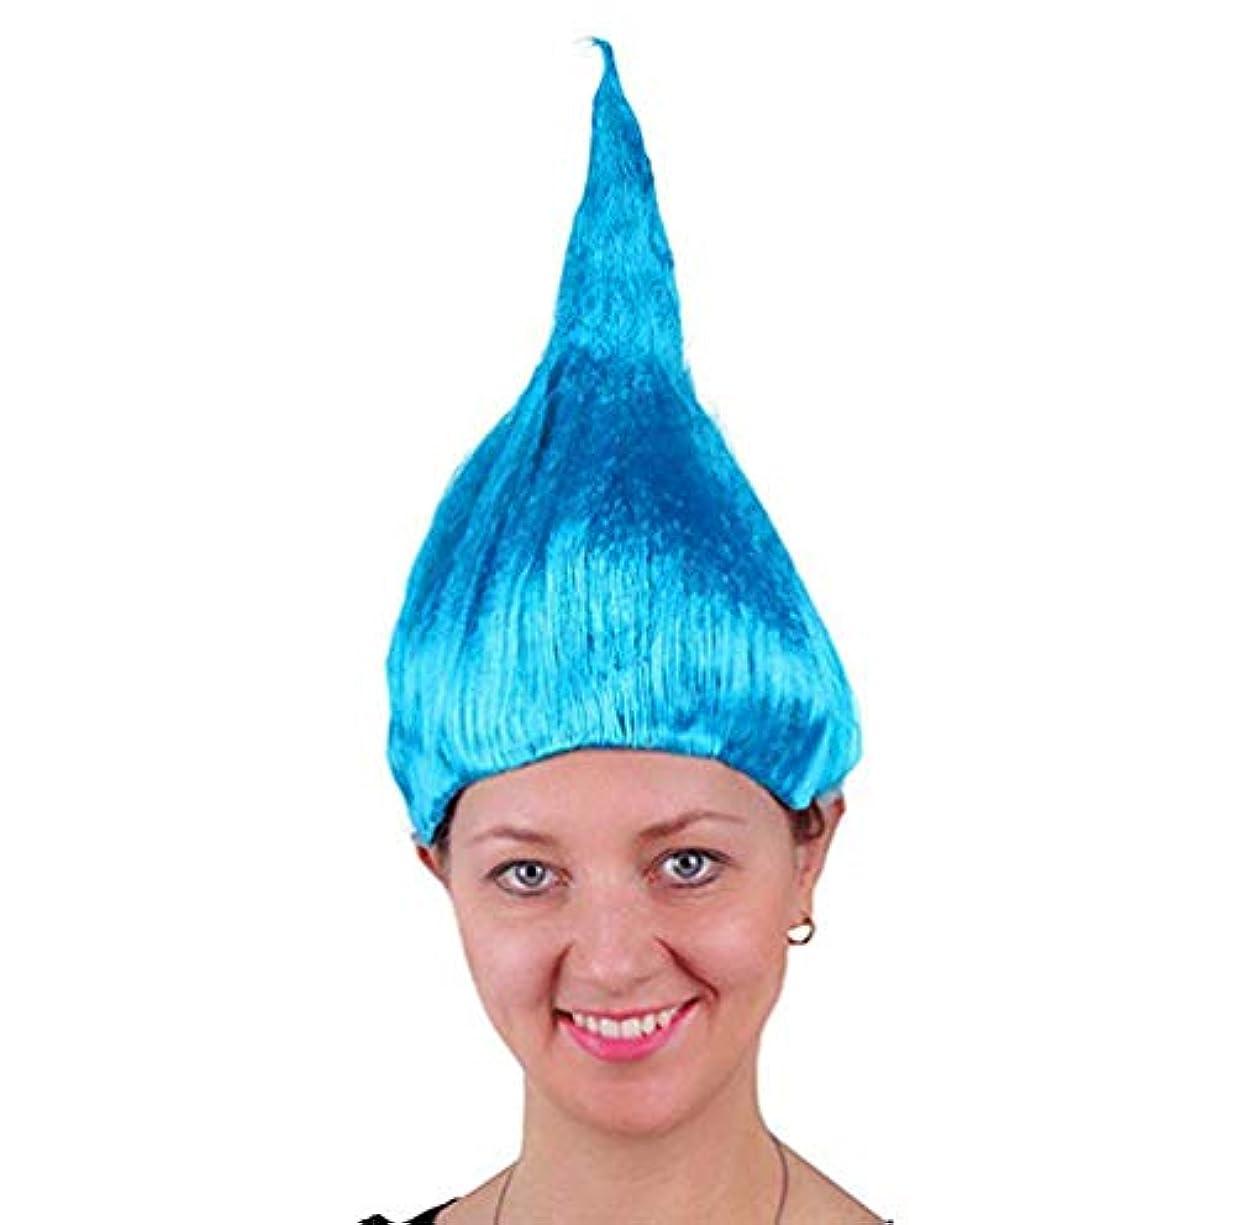 乱気流つぶすしなやか男性女性の髪のかつら新しいファッション髪耐熱マルチカラーかつらコスプレハロウィンクリスマスパーティー